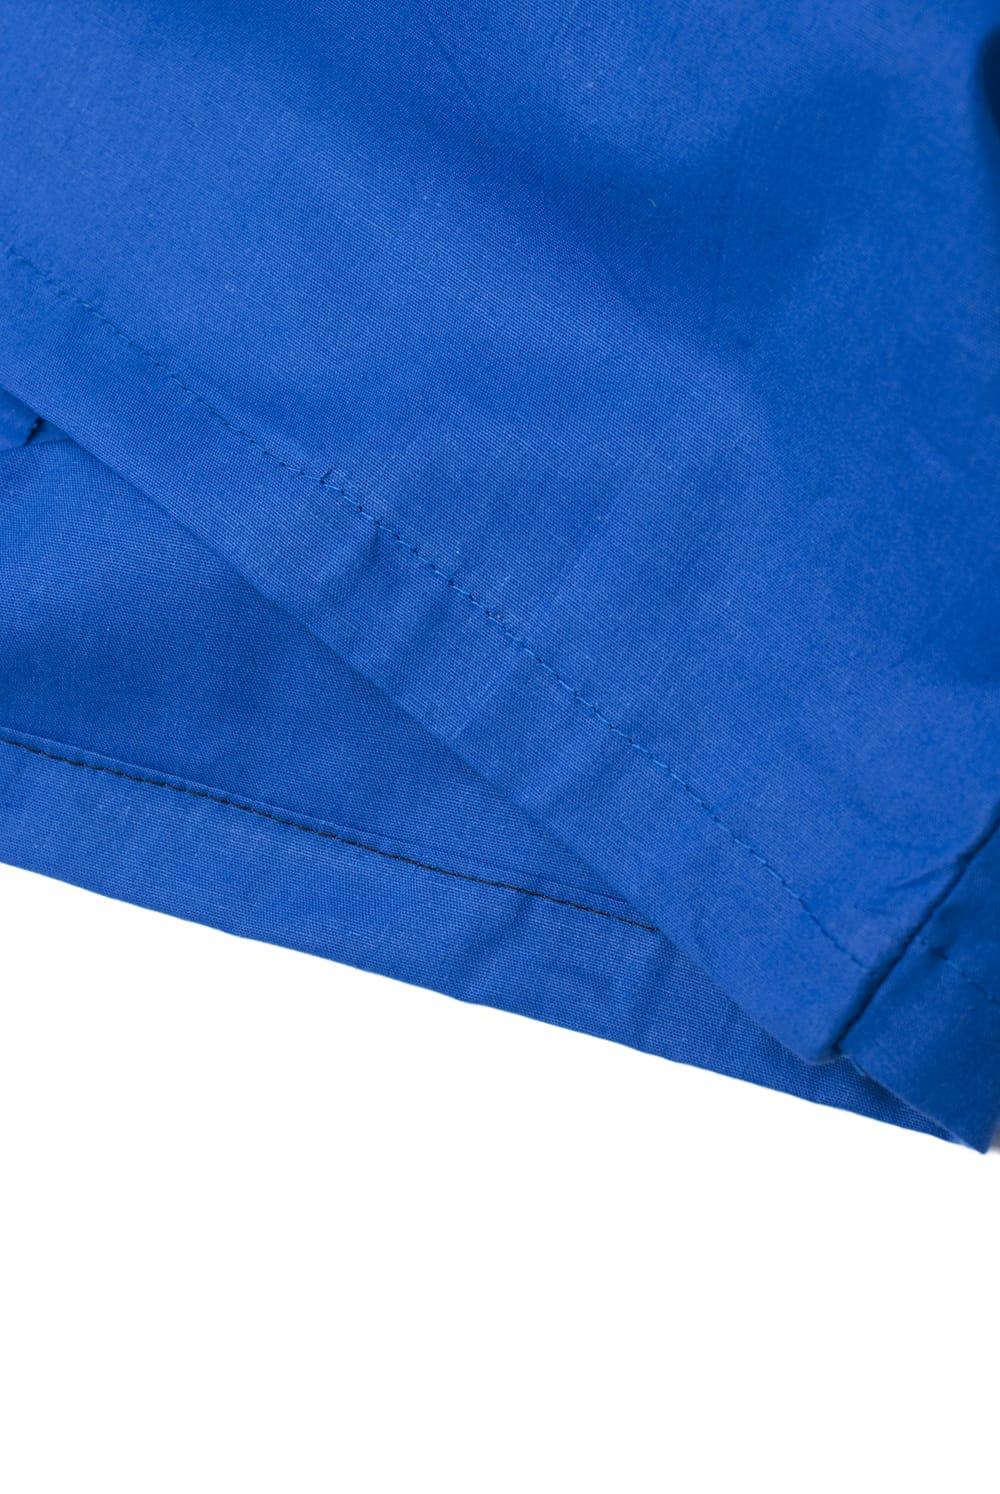 サリーの下に着るペチコート ブルー 2 - 裾はこんな感じです